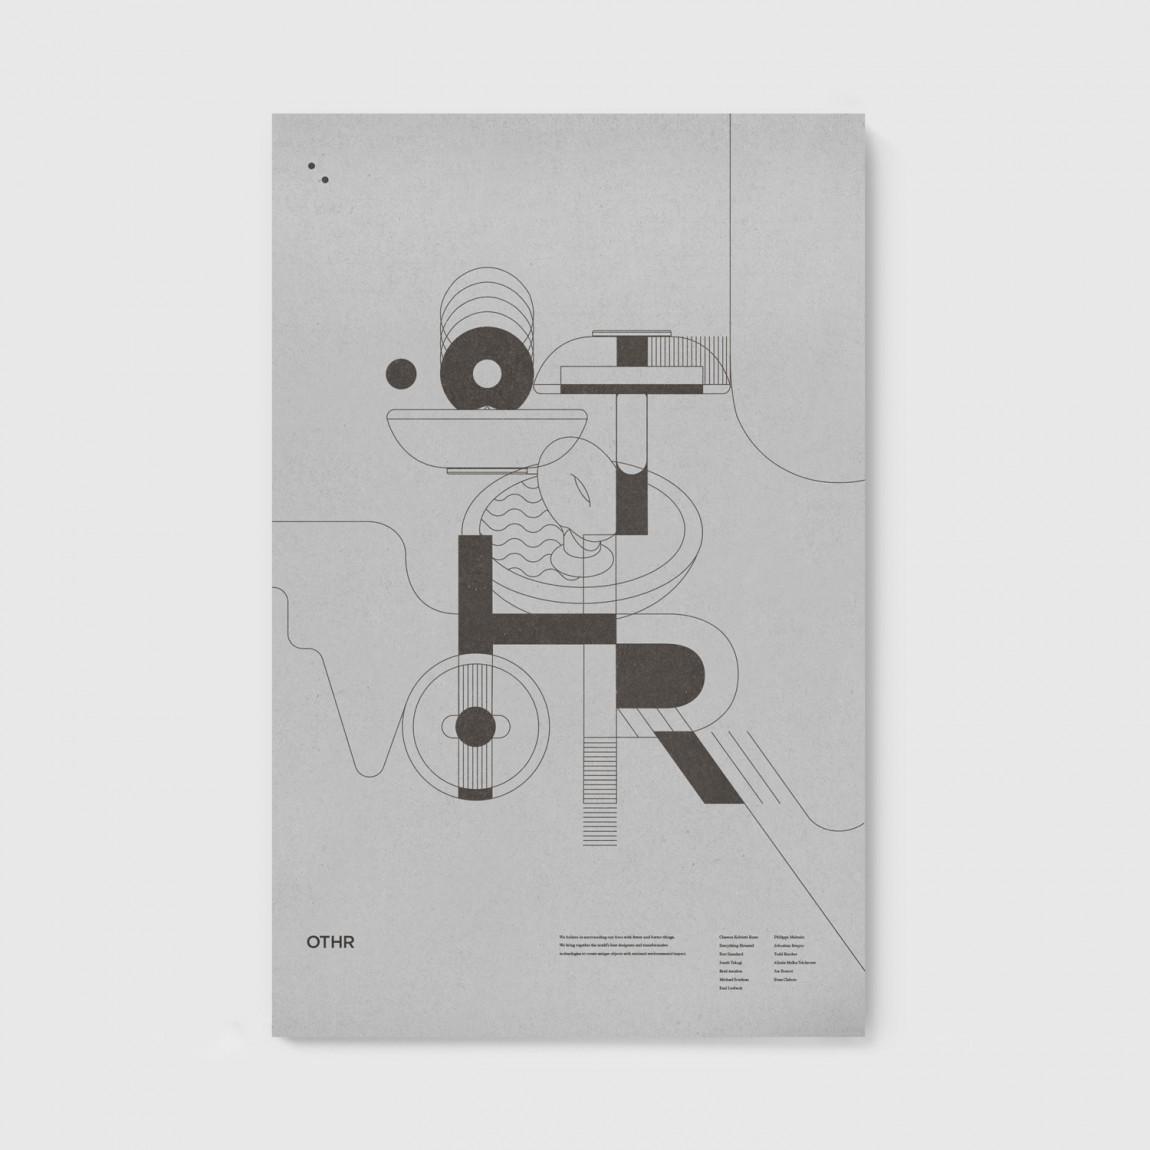 产品设计公司企业形象设计案例,品牌形象海报